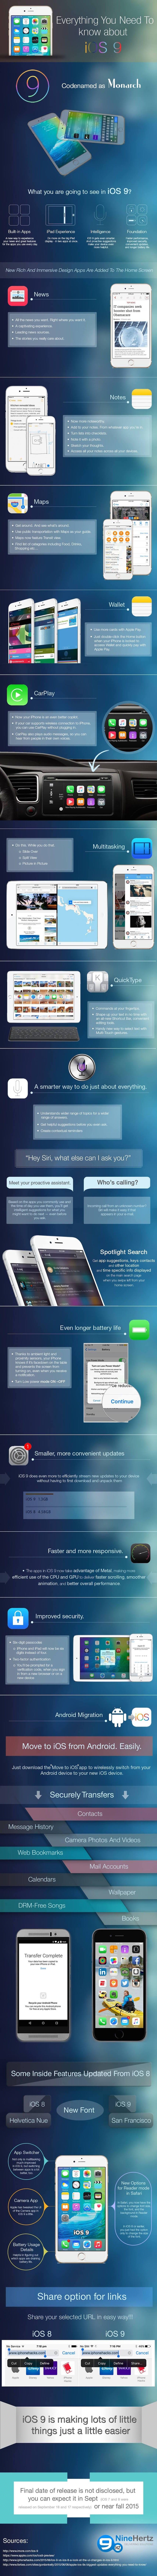 infografía iOS 9